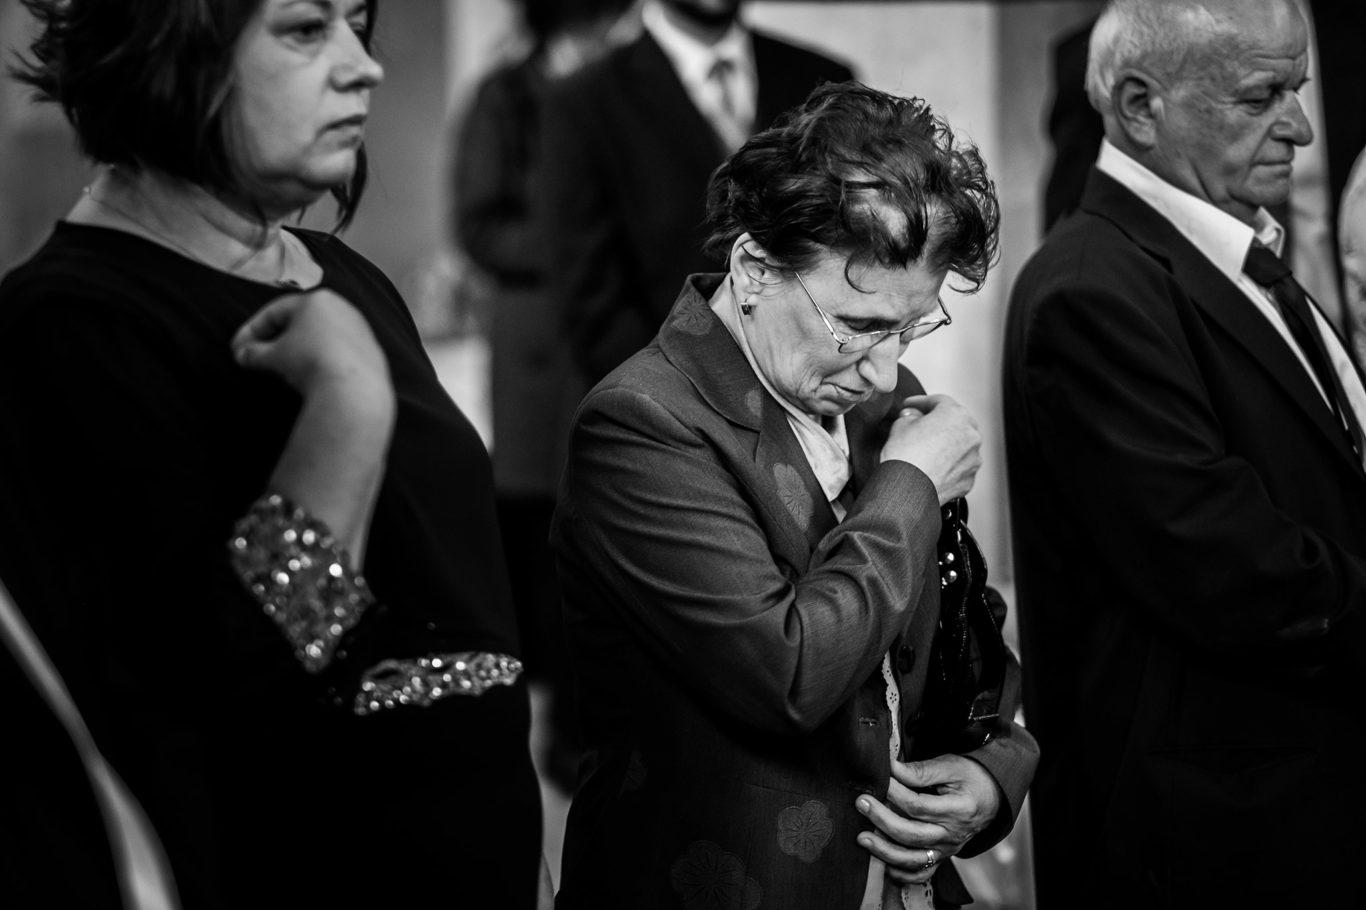 0078-Fotografie-nunta-Flory-Cristi-fotograf-Ciprian-Dumitrescu-DSCF7575